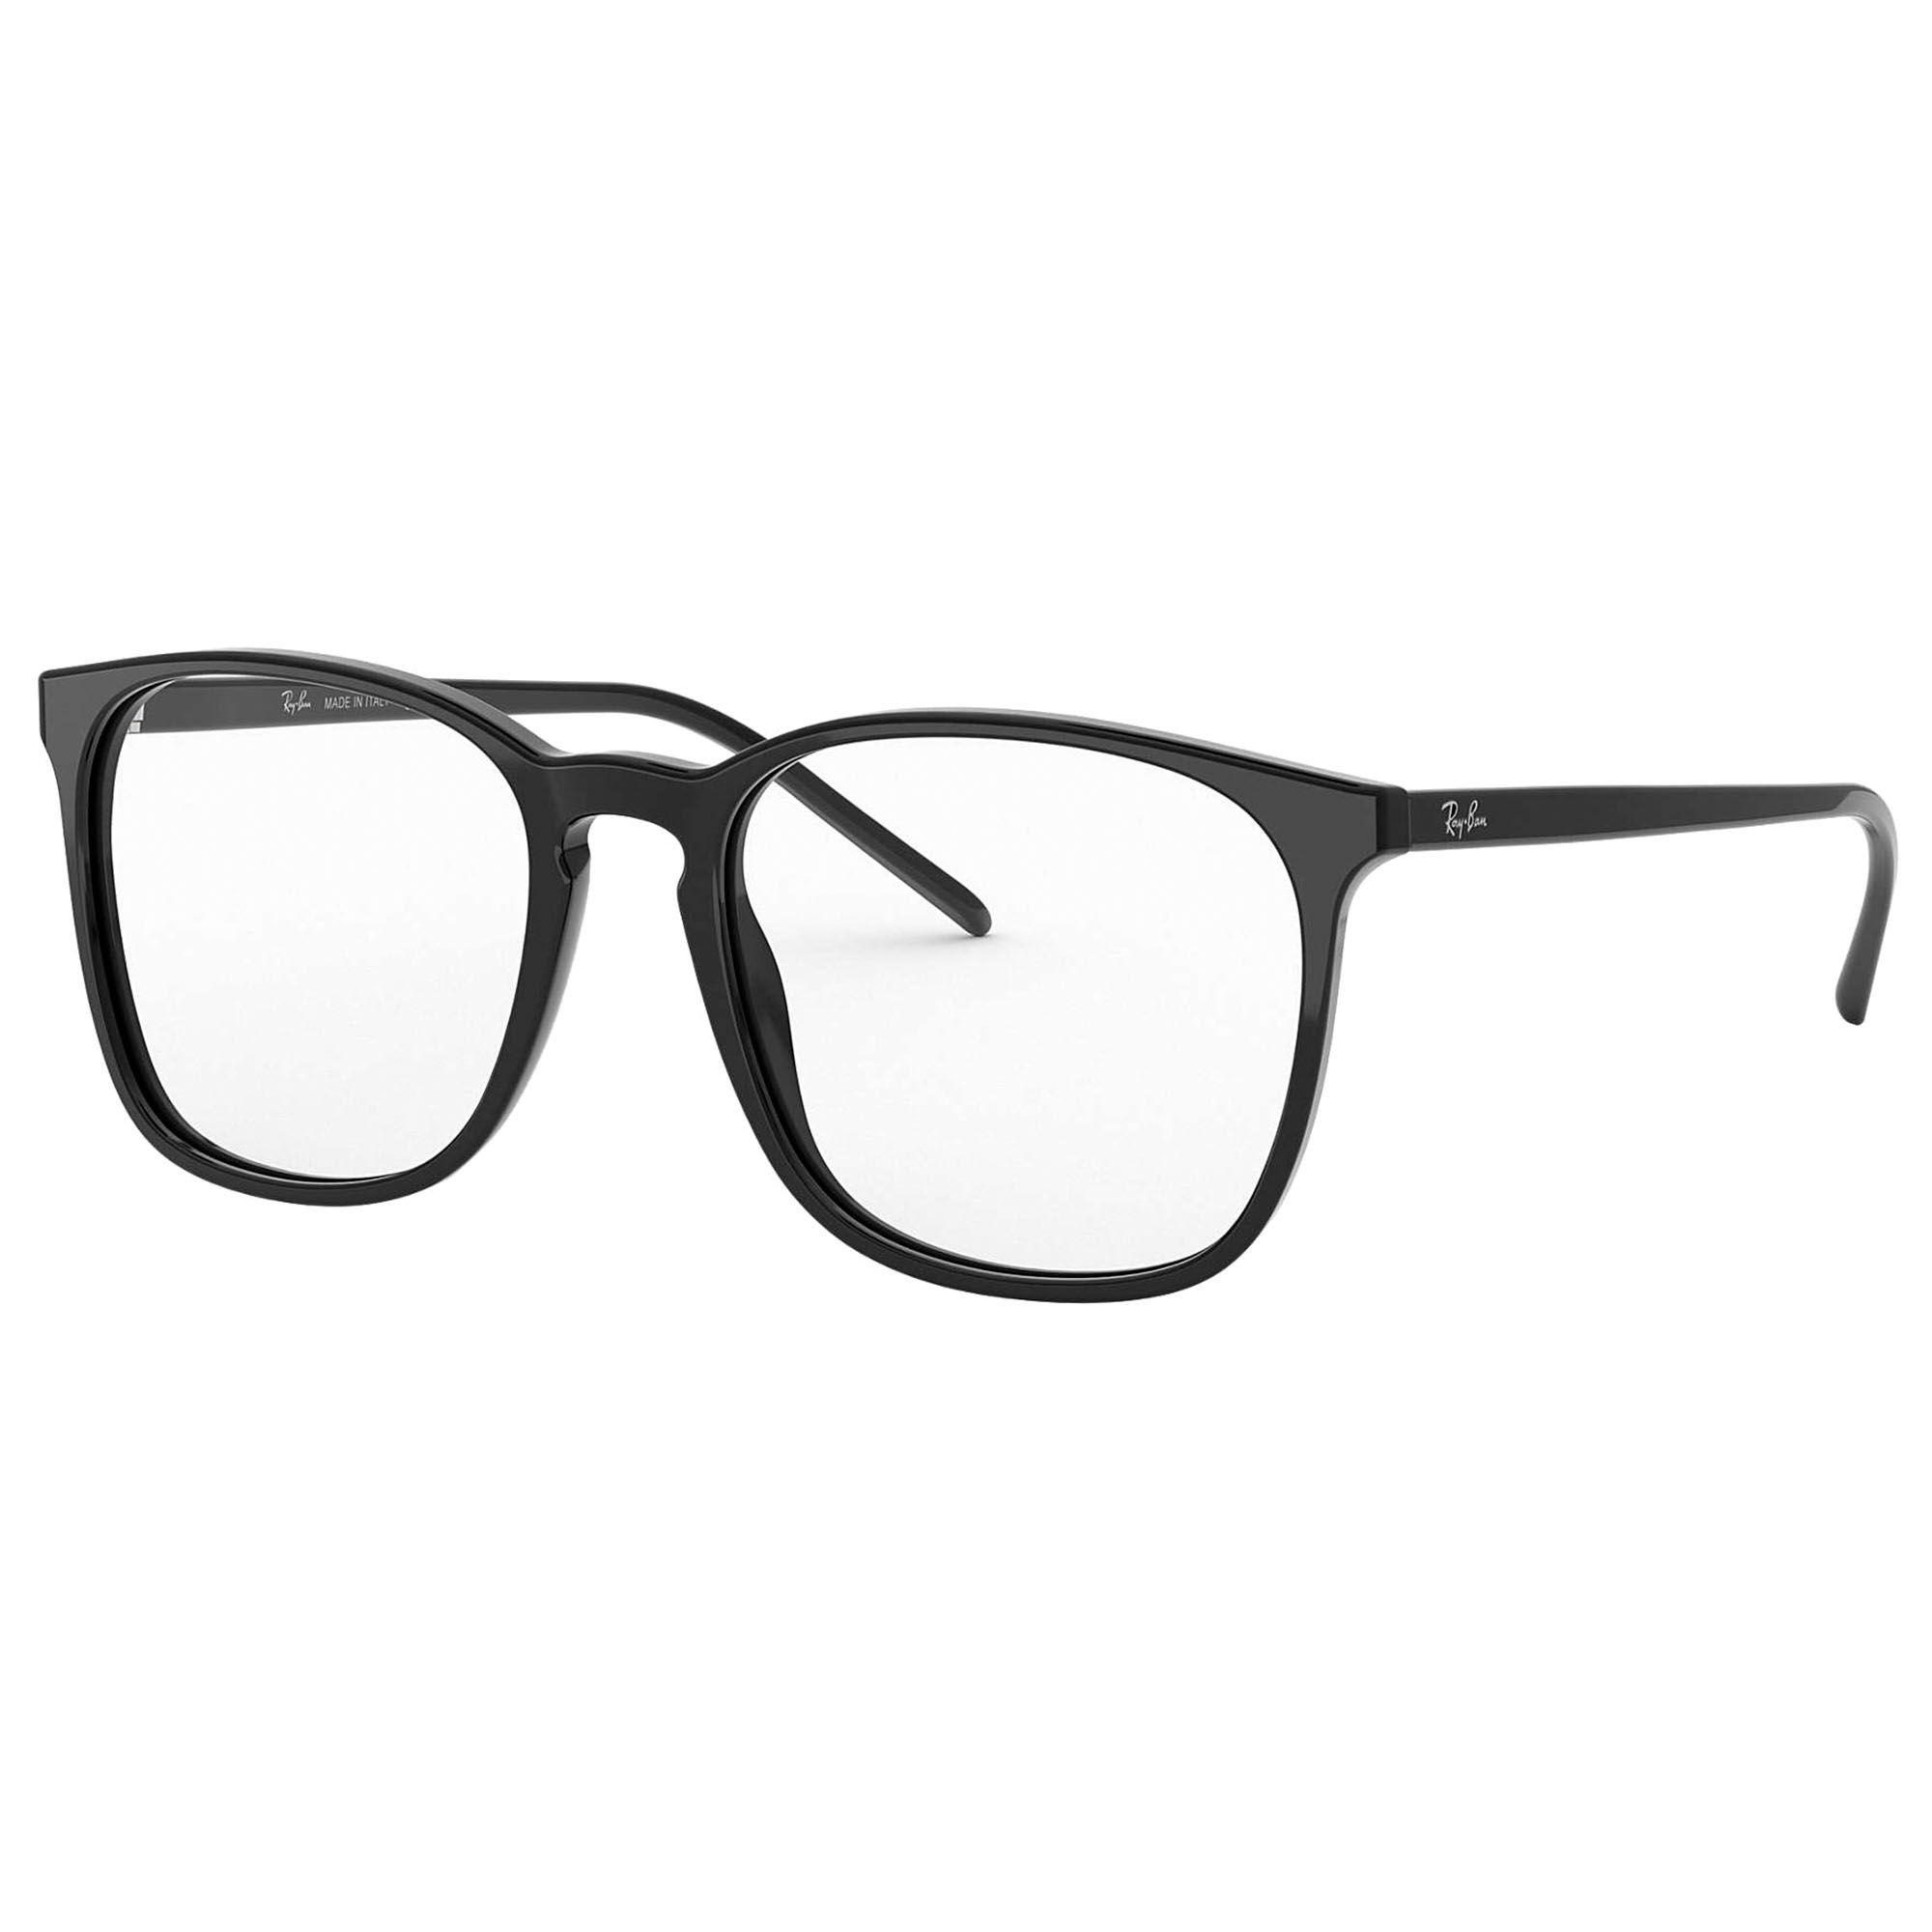 Óculos de Grau Unissex Ray-Ban RB5387 2000 52-18